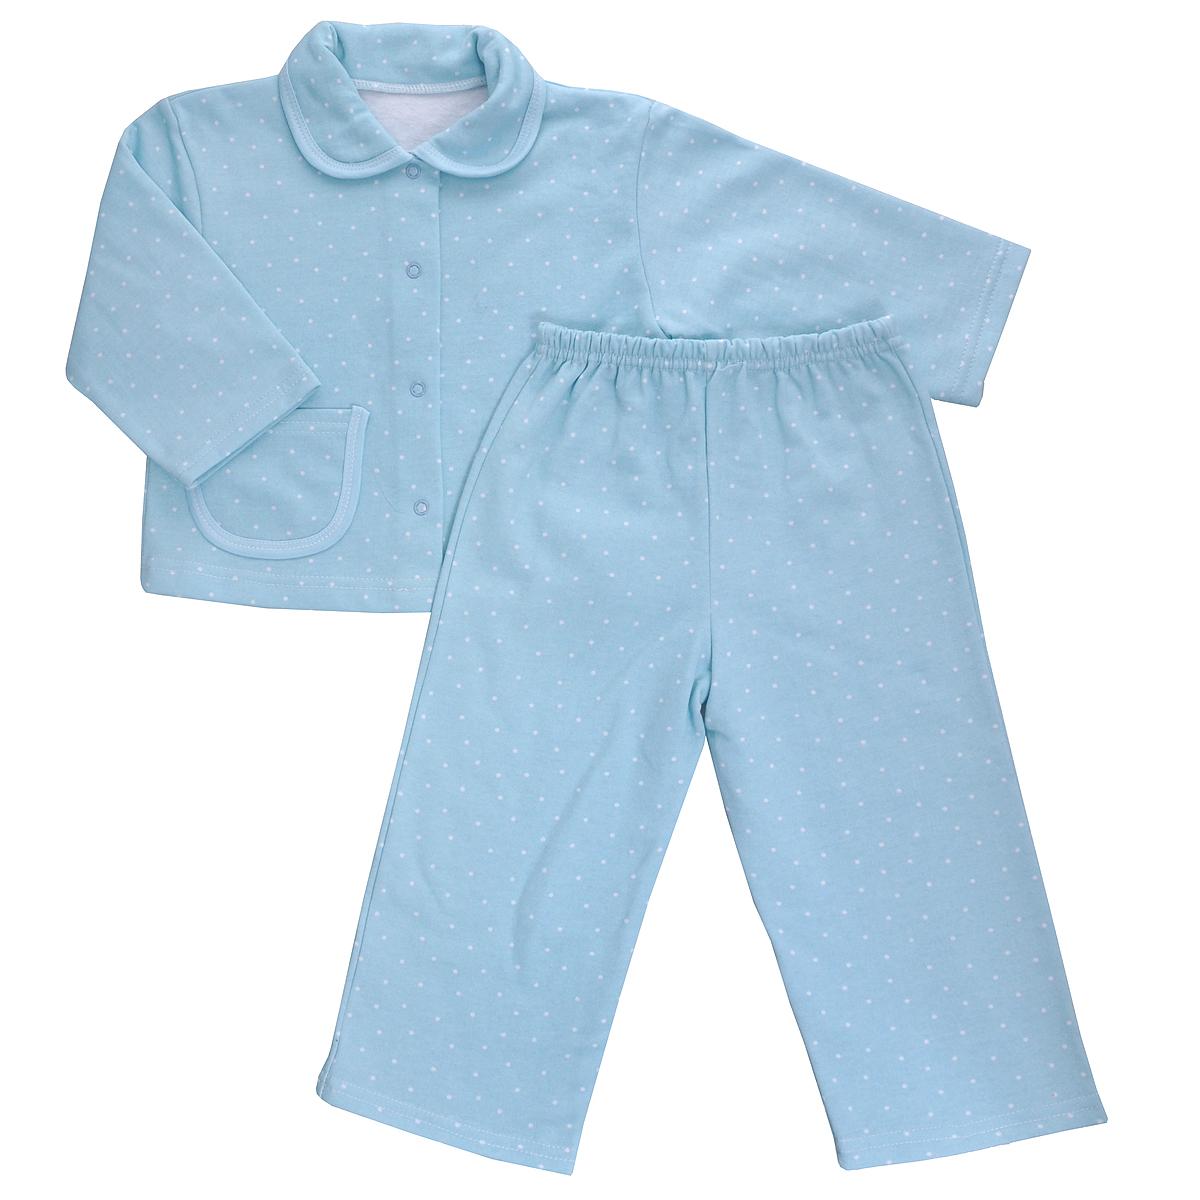 Пижама5552Яркая детская пижама Трон-плюс, состоящая из кофточки и штанишек, идеально подойдет вашему малышу и станет отличным дополнением к детскому гардеробу. Теплая пижама, изготовленная из набивного футера - натурального хлопка, необычайно мягкая и легкая, не сковывает движения ребенка, позволяет коже дышать и не раздражает даже самую нежную и чувствительную кожу малыша. Кофта с длинными рукавами имеет отложной воротничок и застегивается на кнопки, также оформлена небольшим накладным карманчиком. Штанишки на удобной резинке не сдавливают животик ребенка и не сползают. В такой пижаме ваш ребенок будет чувствовать себя комфортно и уютно во время сна.